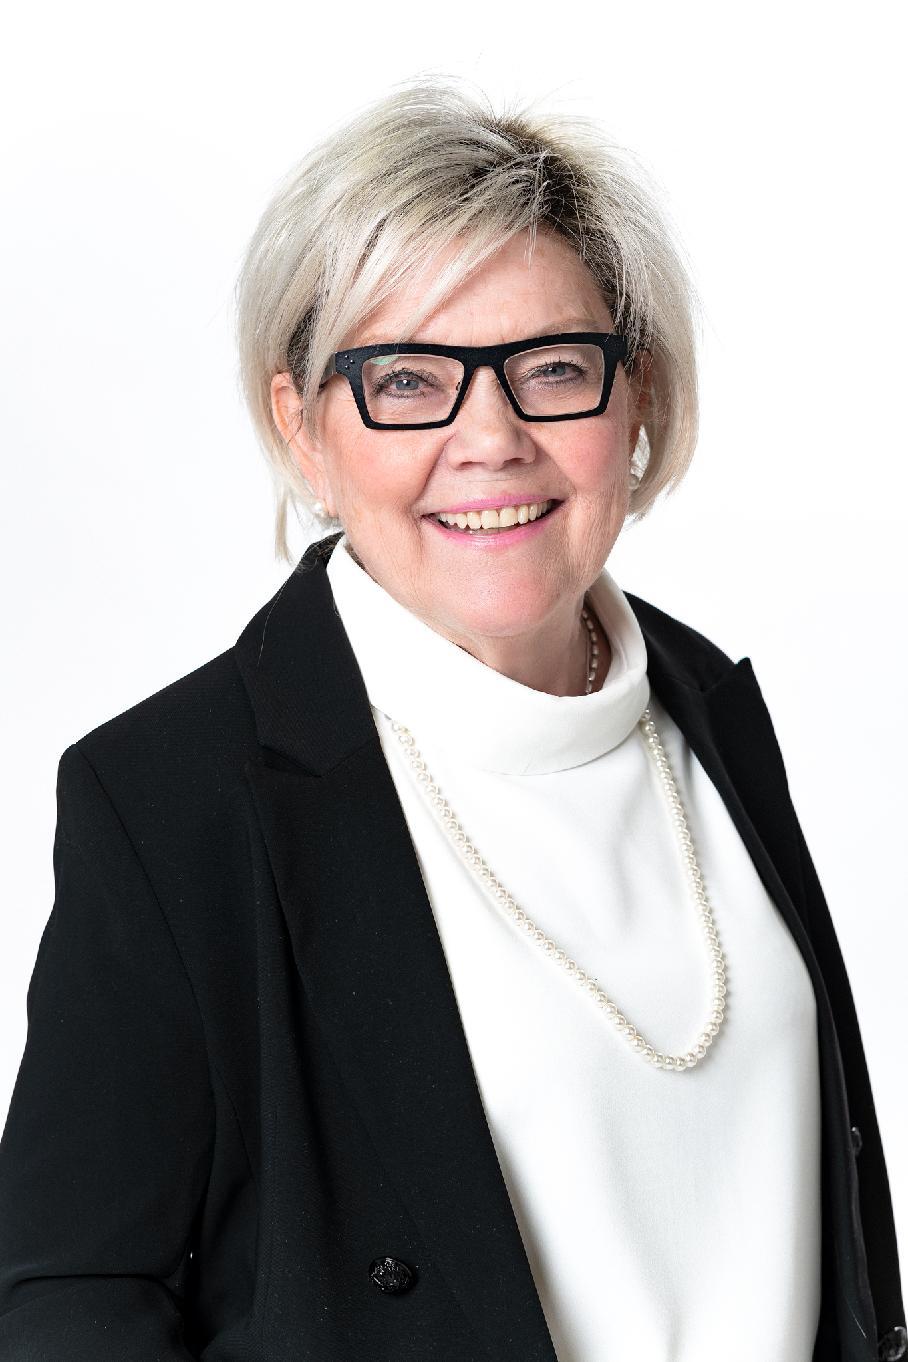 Katarina Forsström kundrådgivare kontaktuppgifter Andelsbanken Raseborg Yhteystiedot Osuuspankki Raasepori päivittäispalvelut